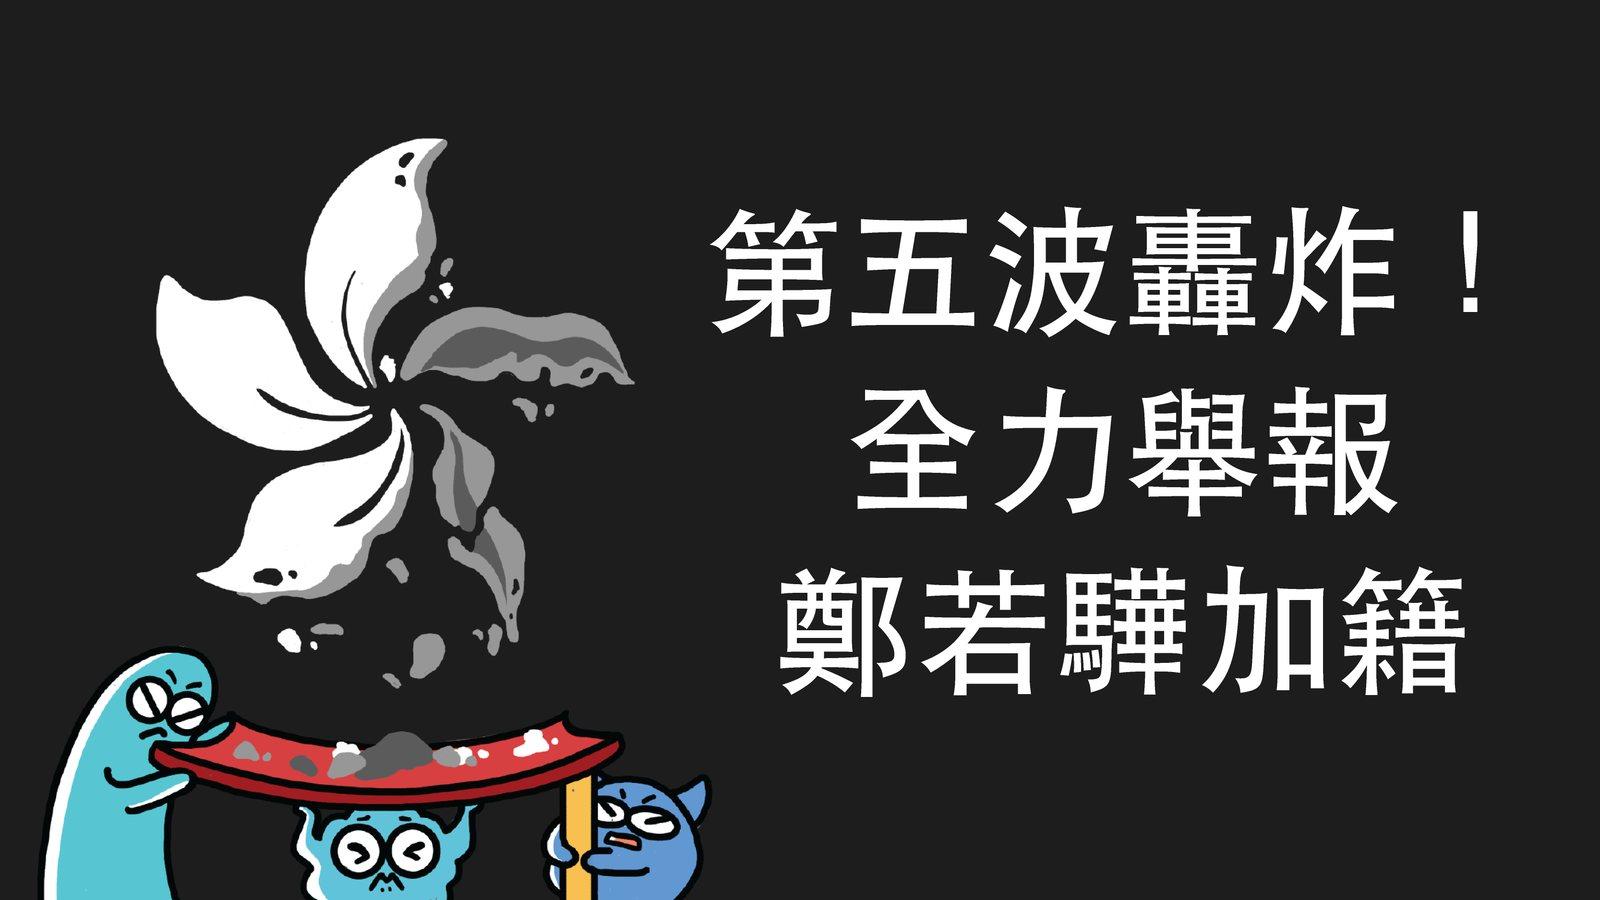 第五波轟炸!核彈!全力舉報鄭若驊加籍丈夫潘樂陶!律政司必須回應香港人訴求!